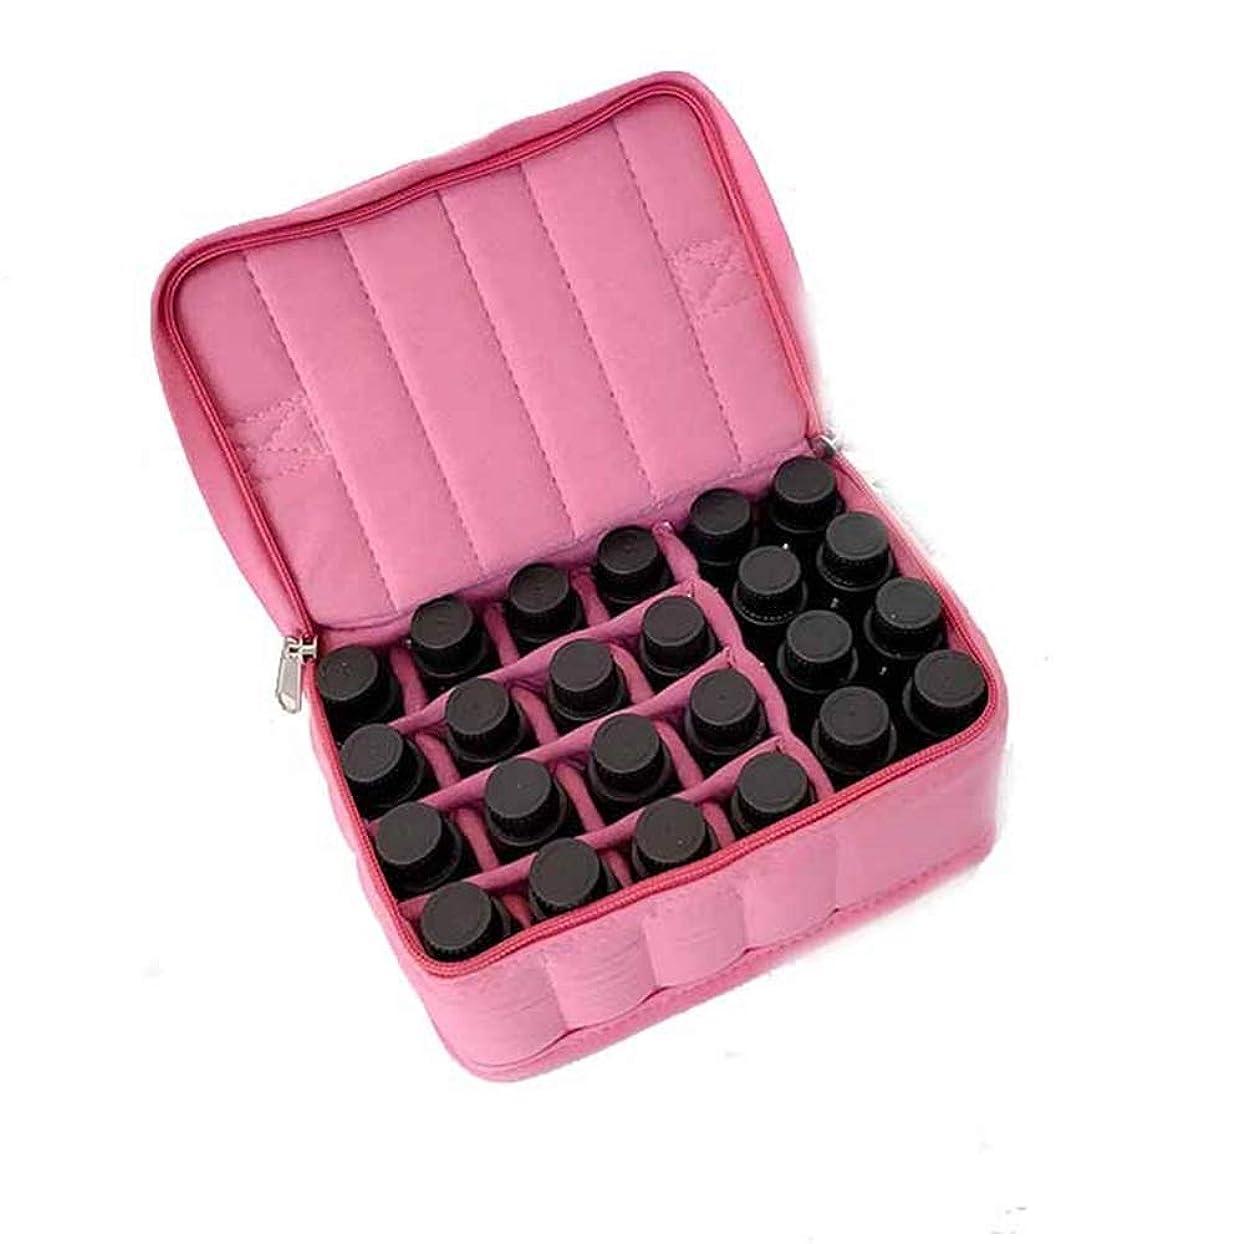 充電コーヒープットアロマ旅行や保管のために17-ボトルエッセンシャルオイルキャリングケース アロマセラピー製品 (色 : ピンク, サイズ : 18X13.5X8.5CM)